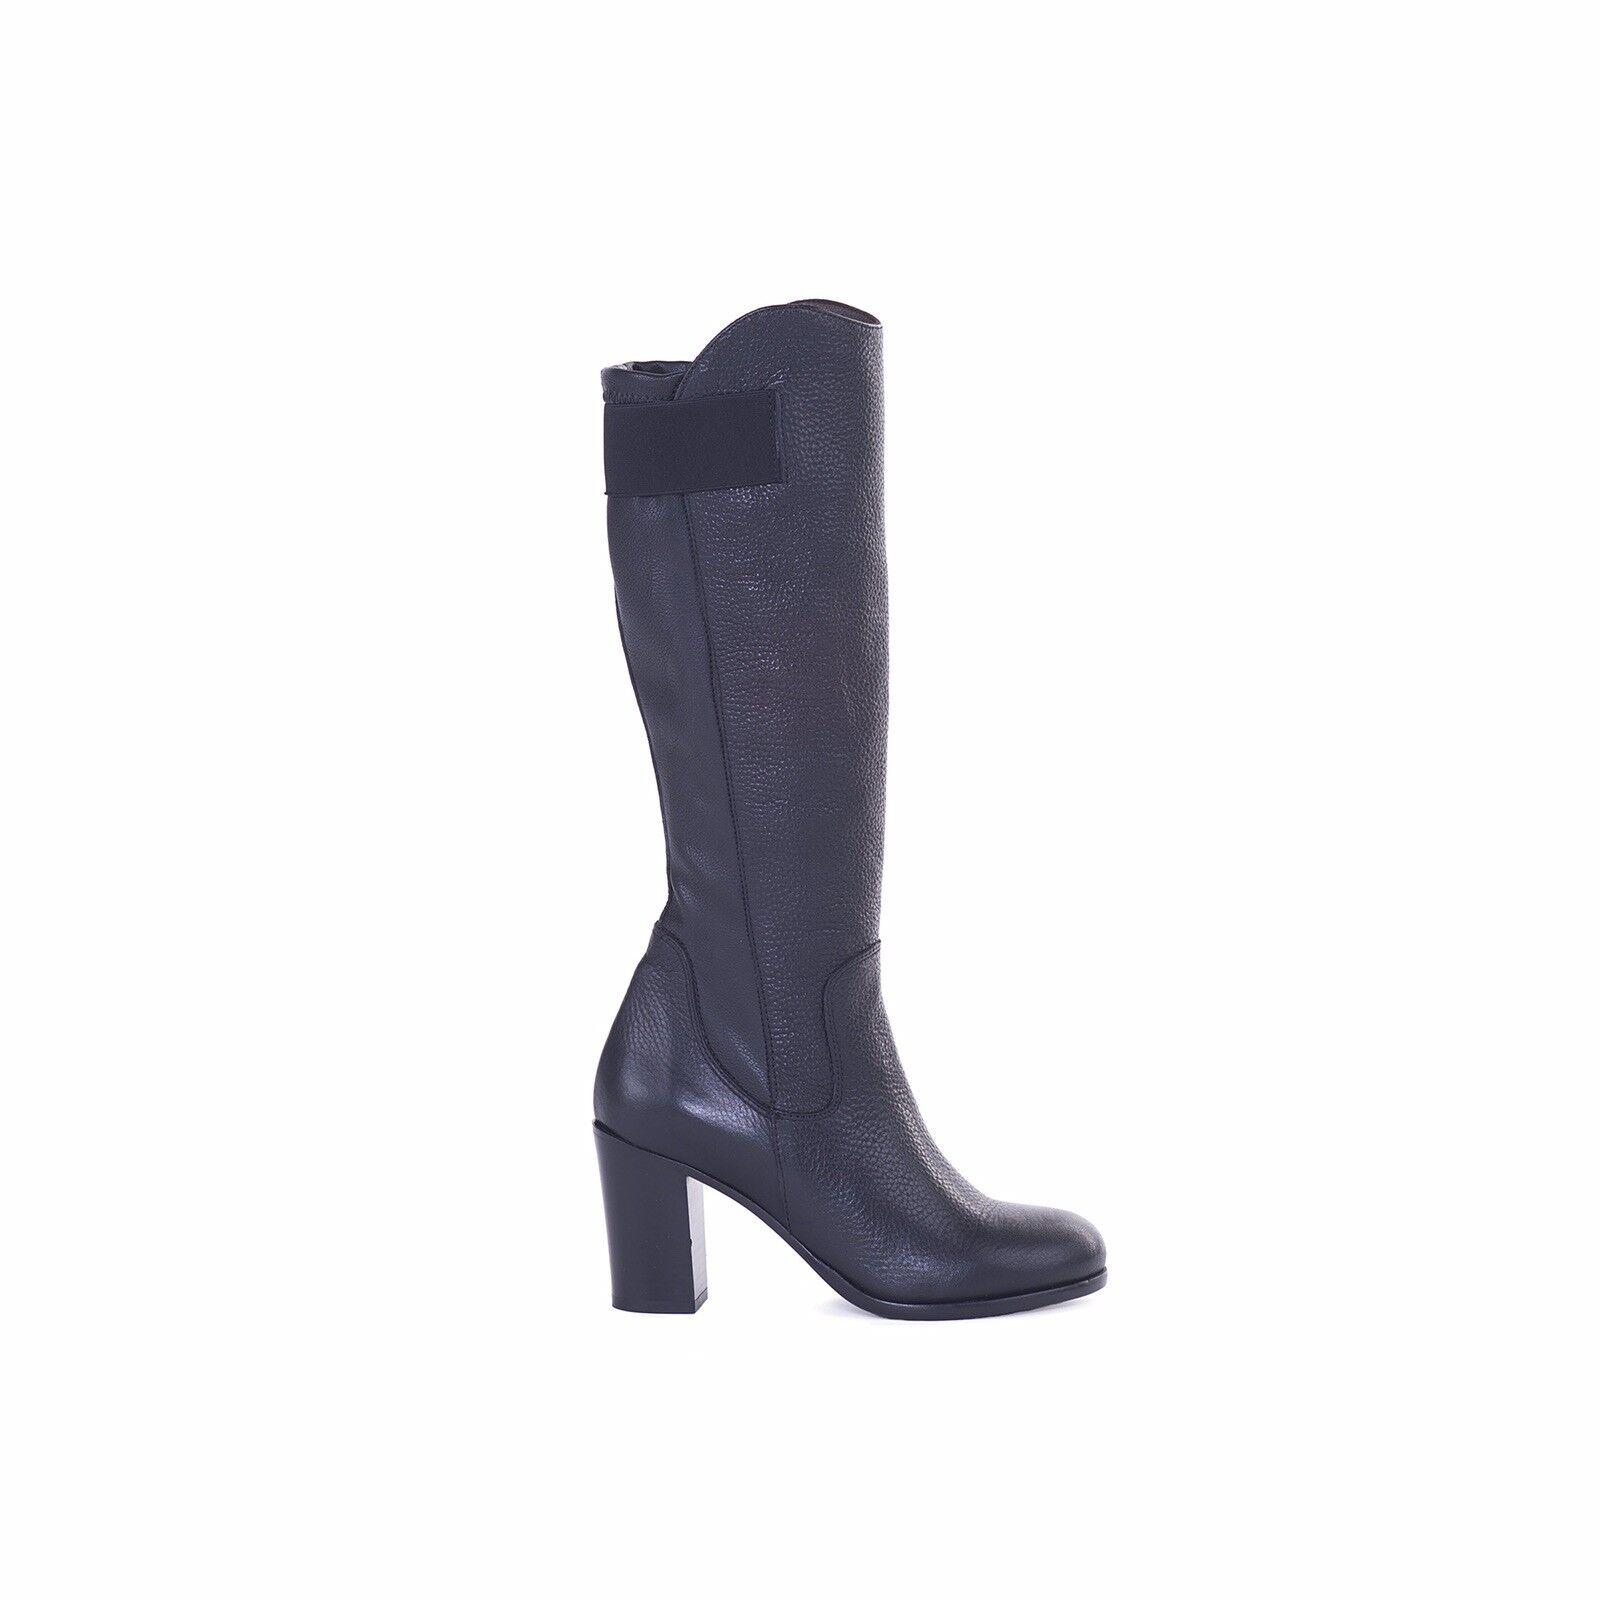 botas de de de becerro estrecho por skinnycalf botas 11 91e96f